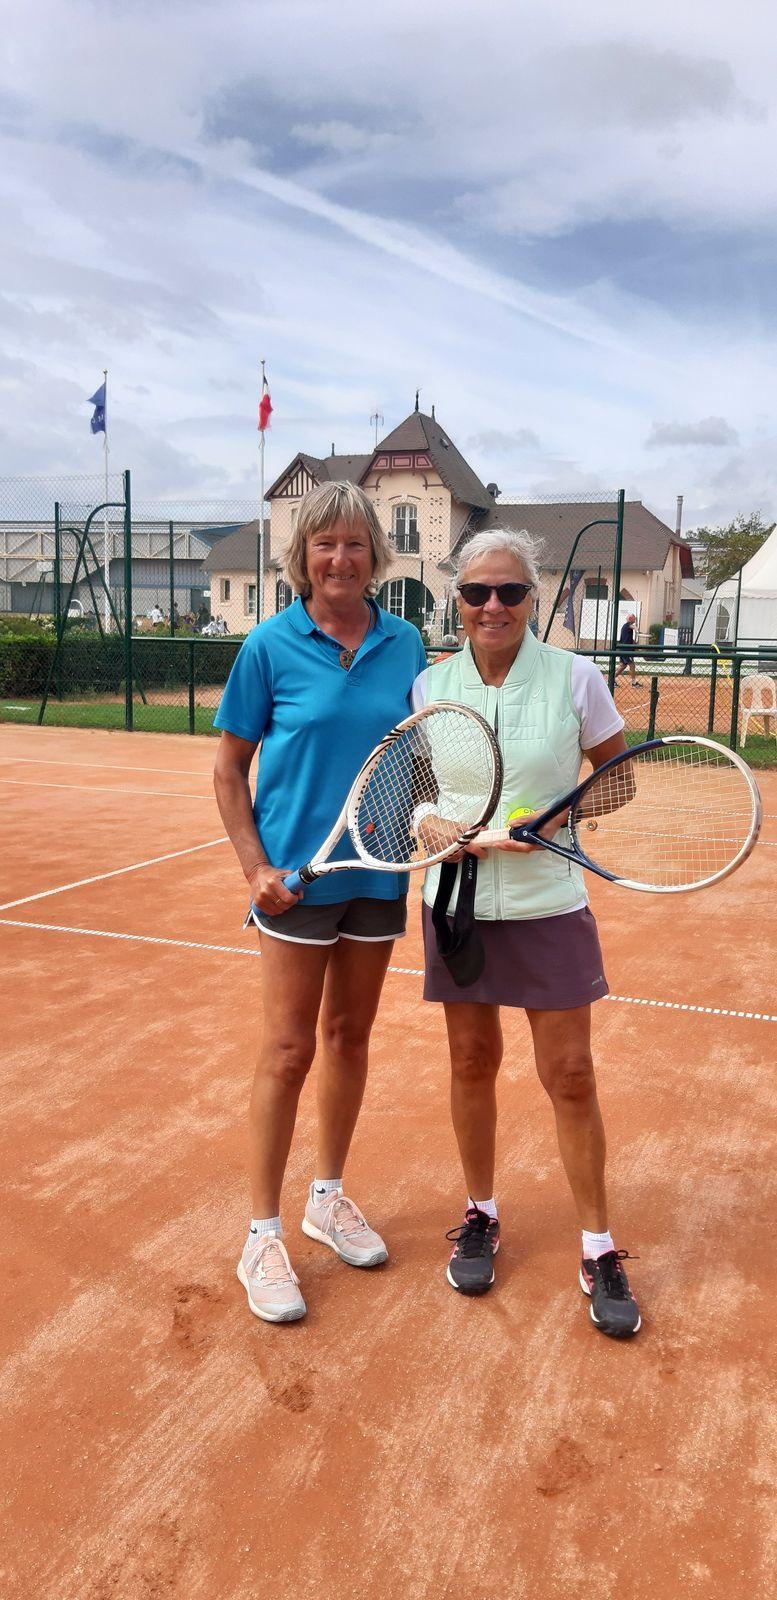 Suzanne Duvauferrier 15/3 St Malo (à droite) vainqueur consolante +55 contre Christiane Collet 15/5 Cabourg